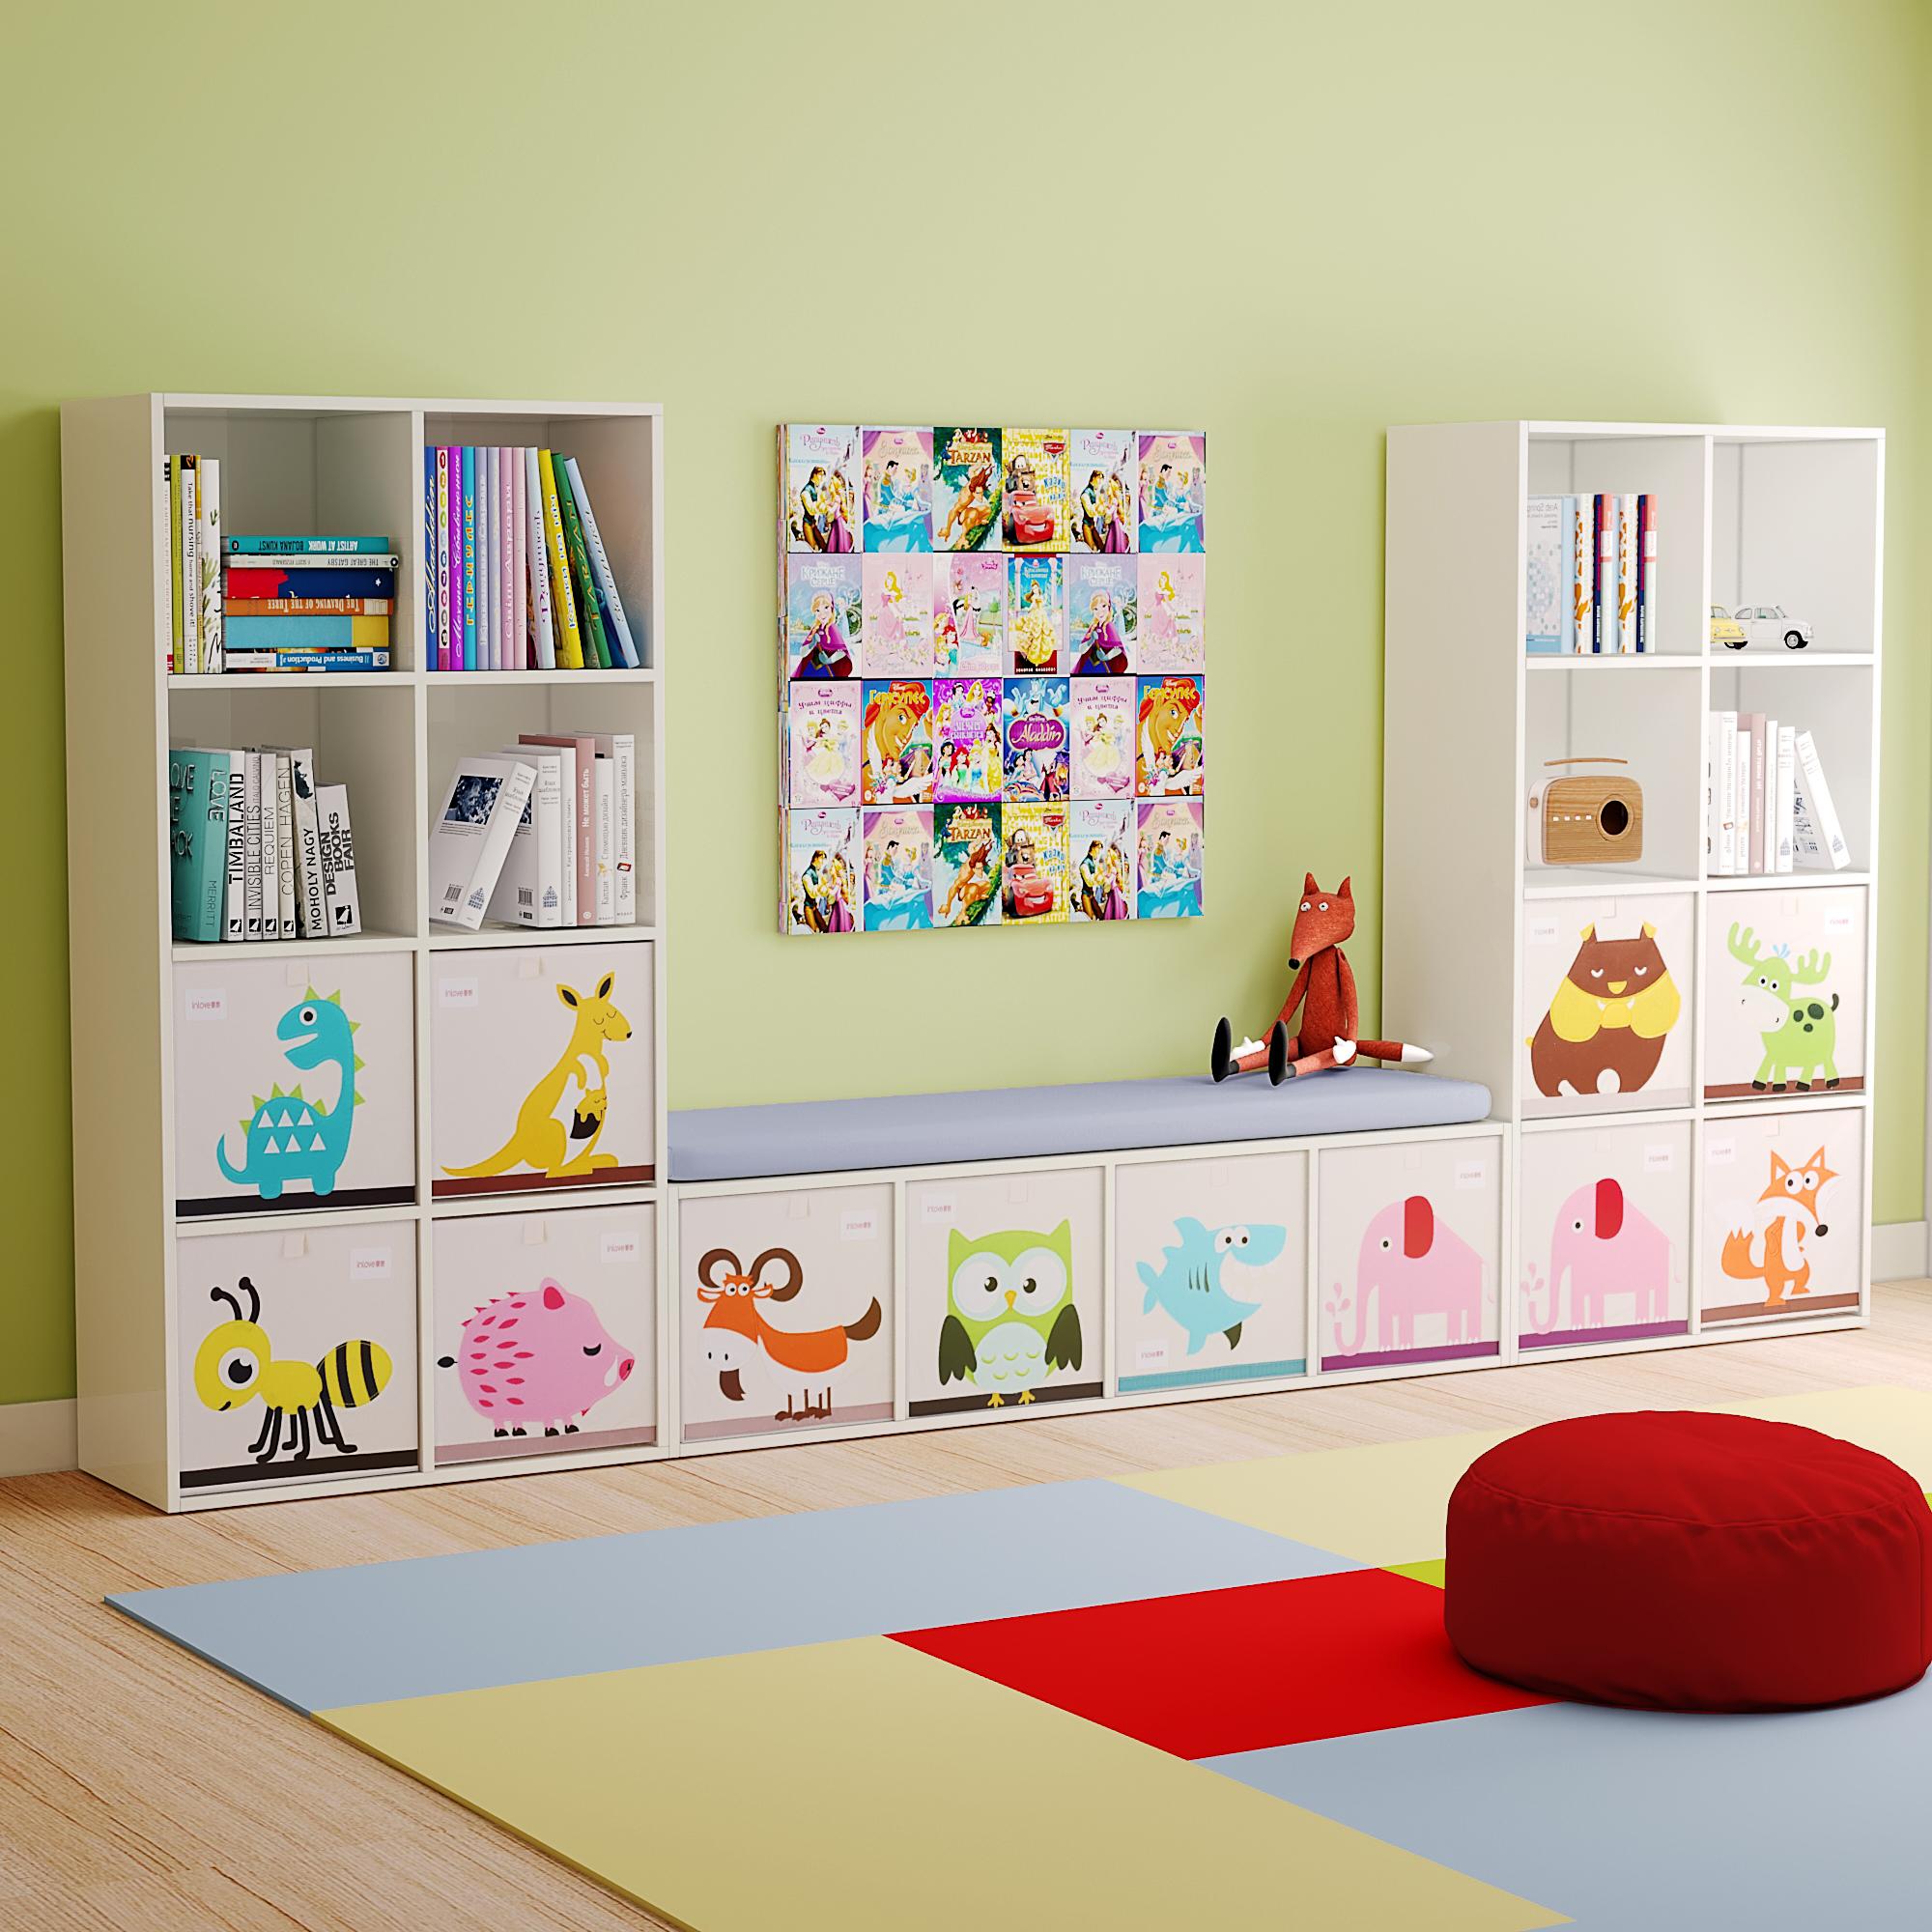 可比熊实木宝宝书架绘本架家用儿童收纳柜玩具收纳架幼儿组合柜子